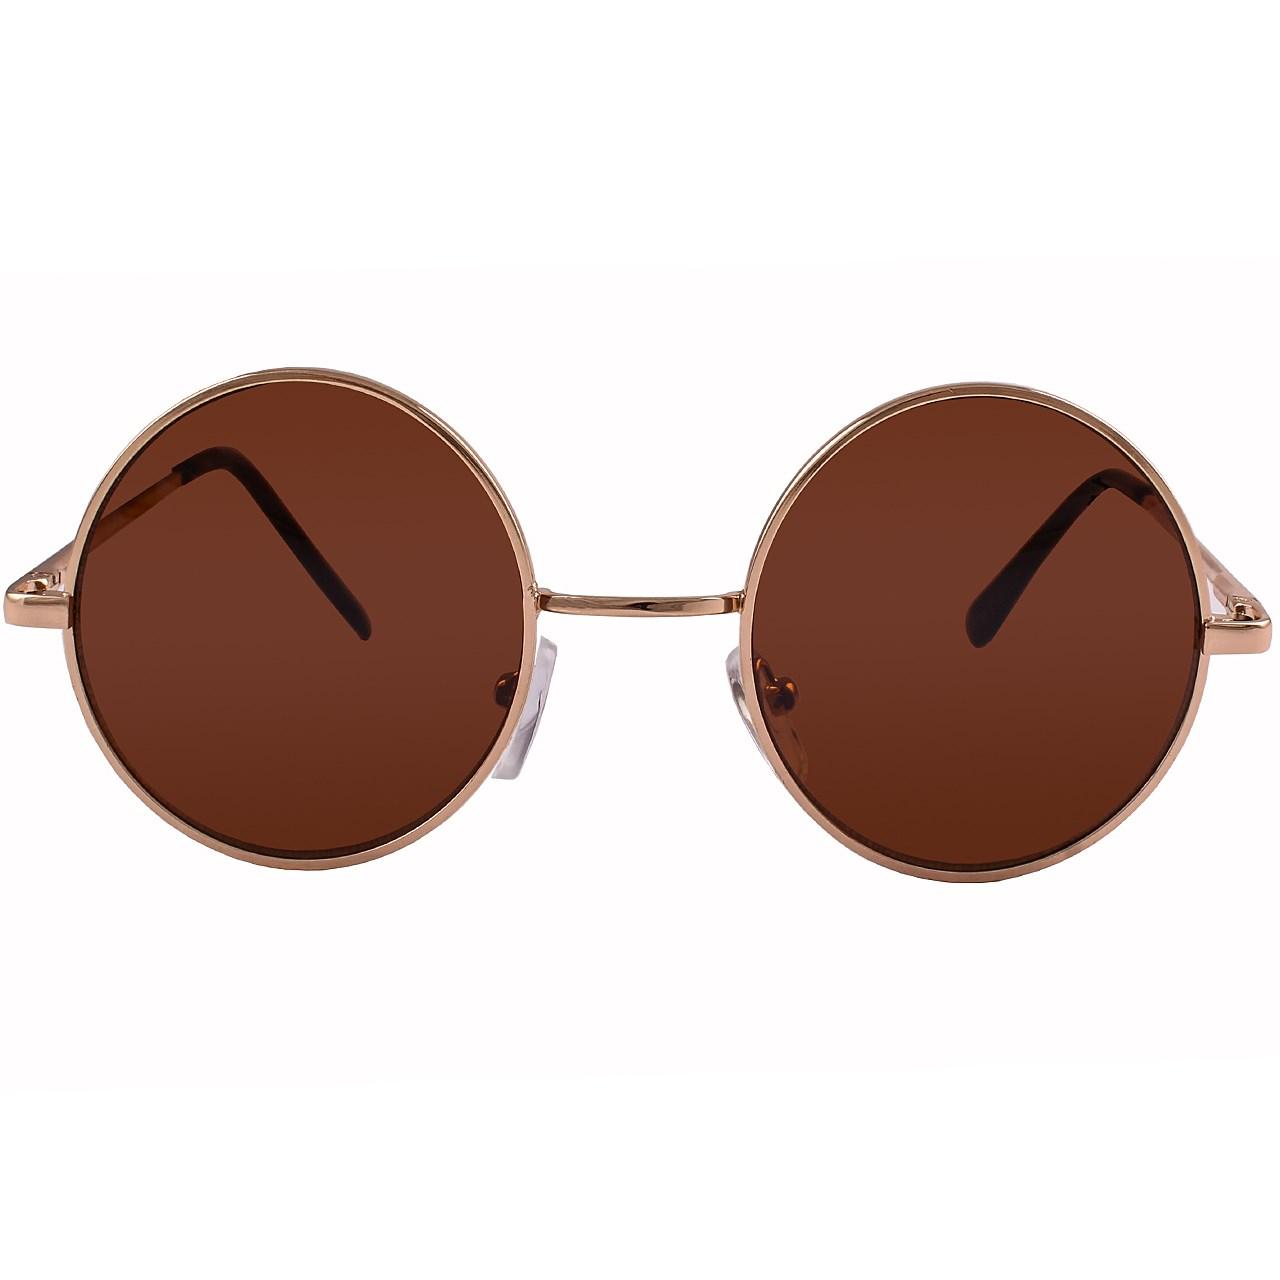 قیمت عینک آفتابی رین بی مدل 8747GL